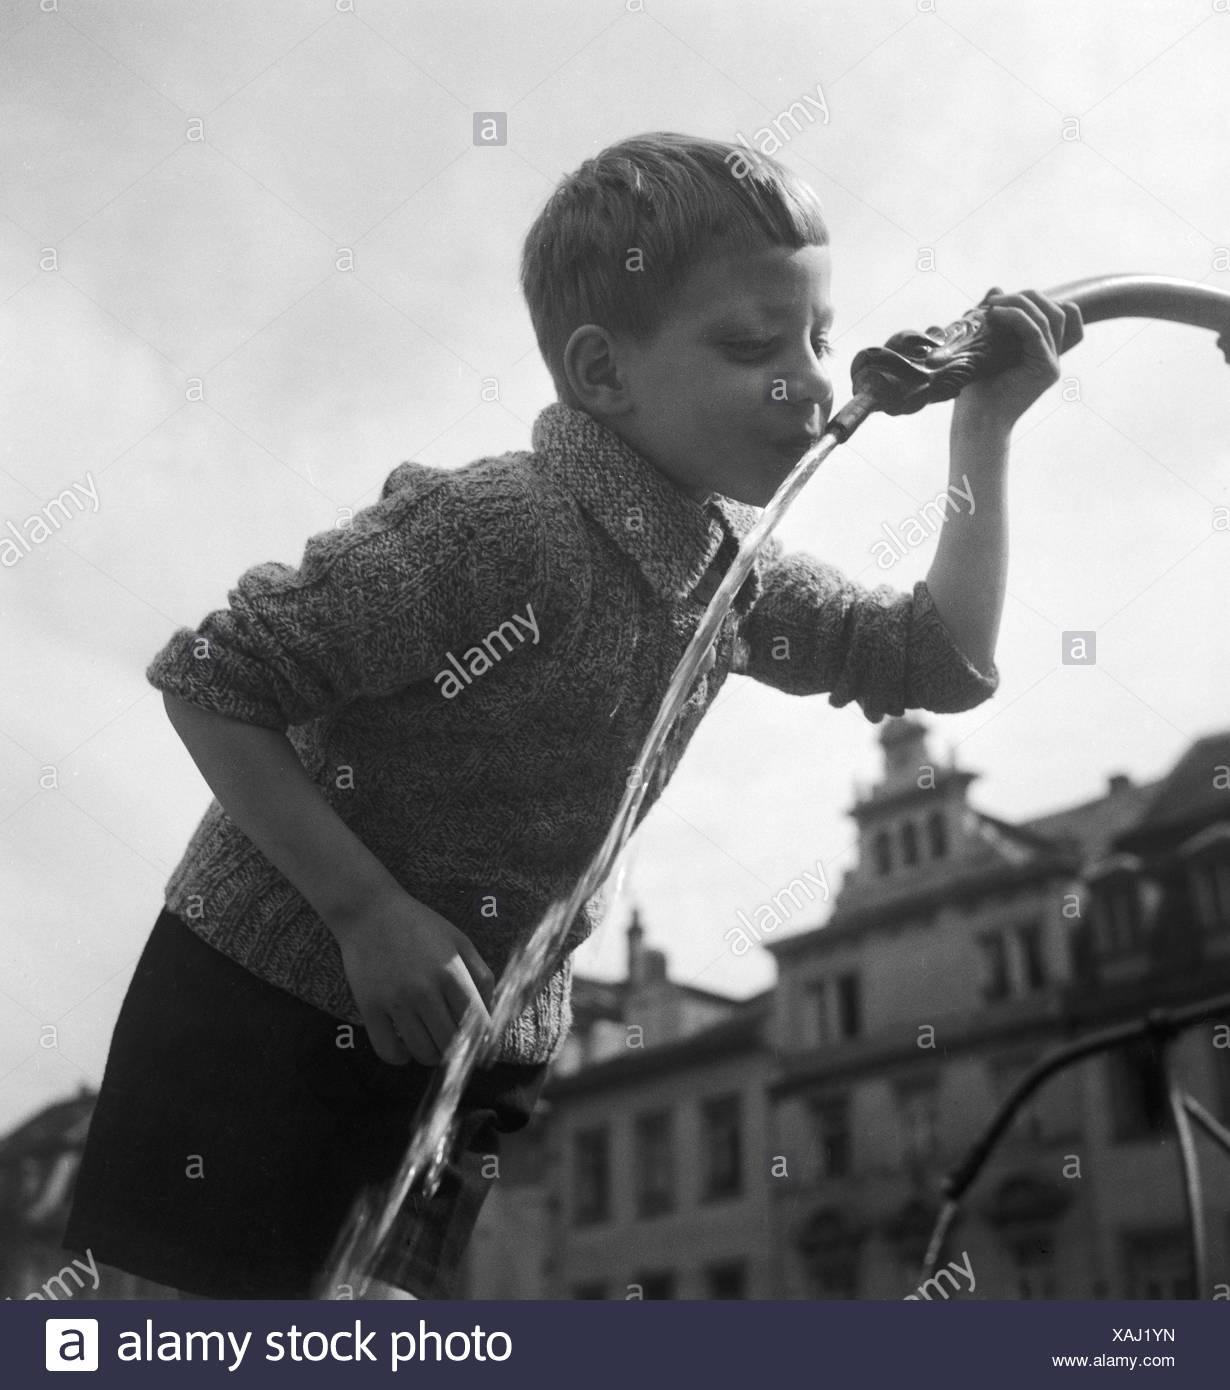 Ein Junge trinkt Wasser aus einem Brunnen, Deutschland er Jahre 1930. Um rapaz de água potável a partir de uma fonte, Alemanha 1930. Imagens de Stock